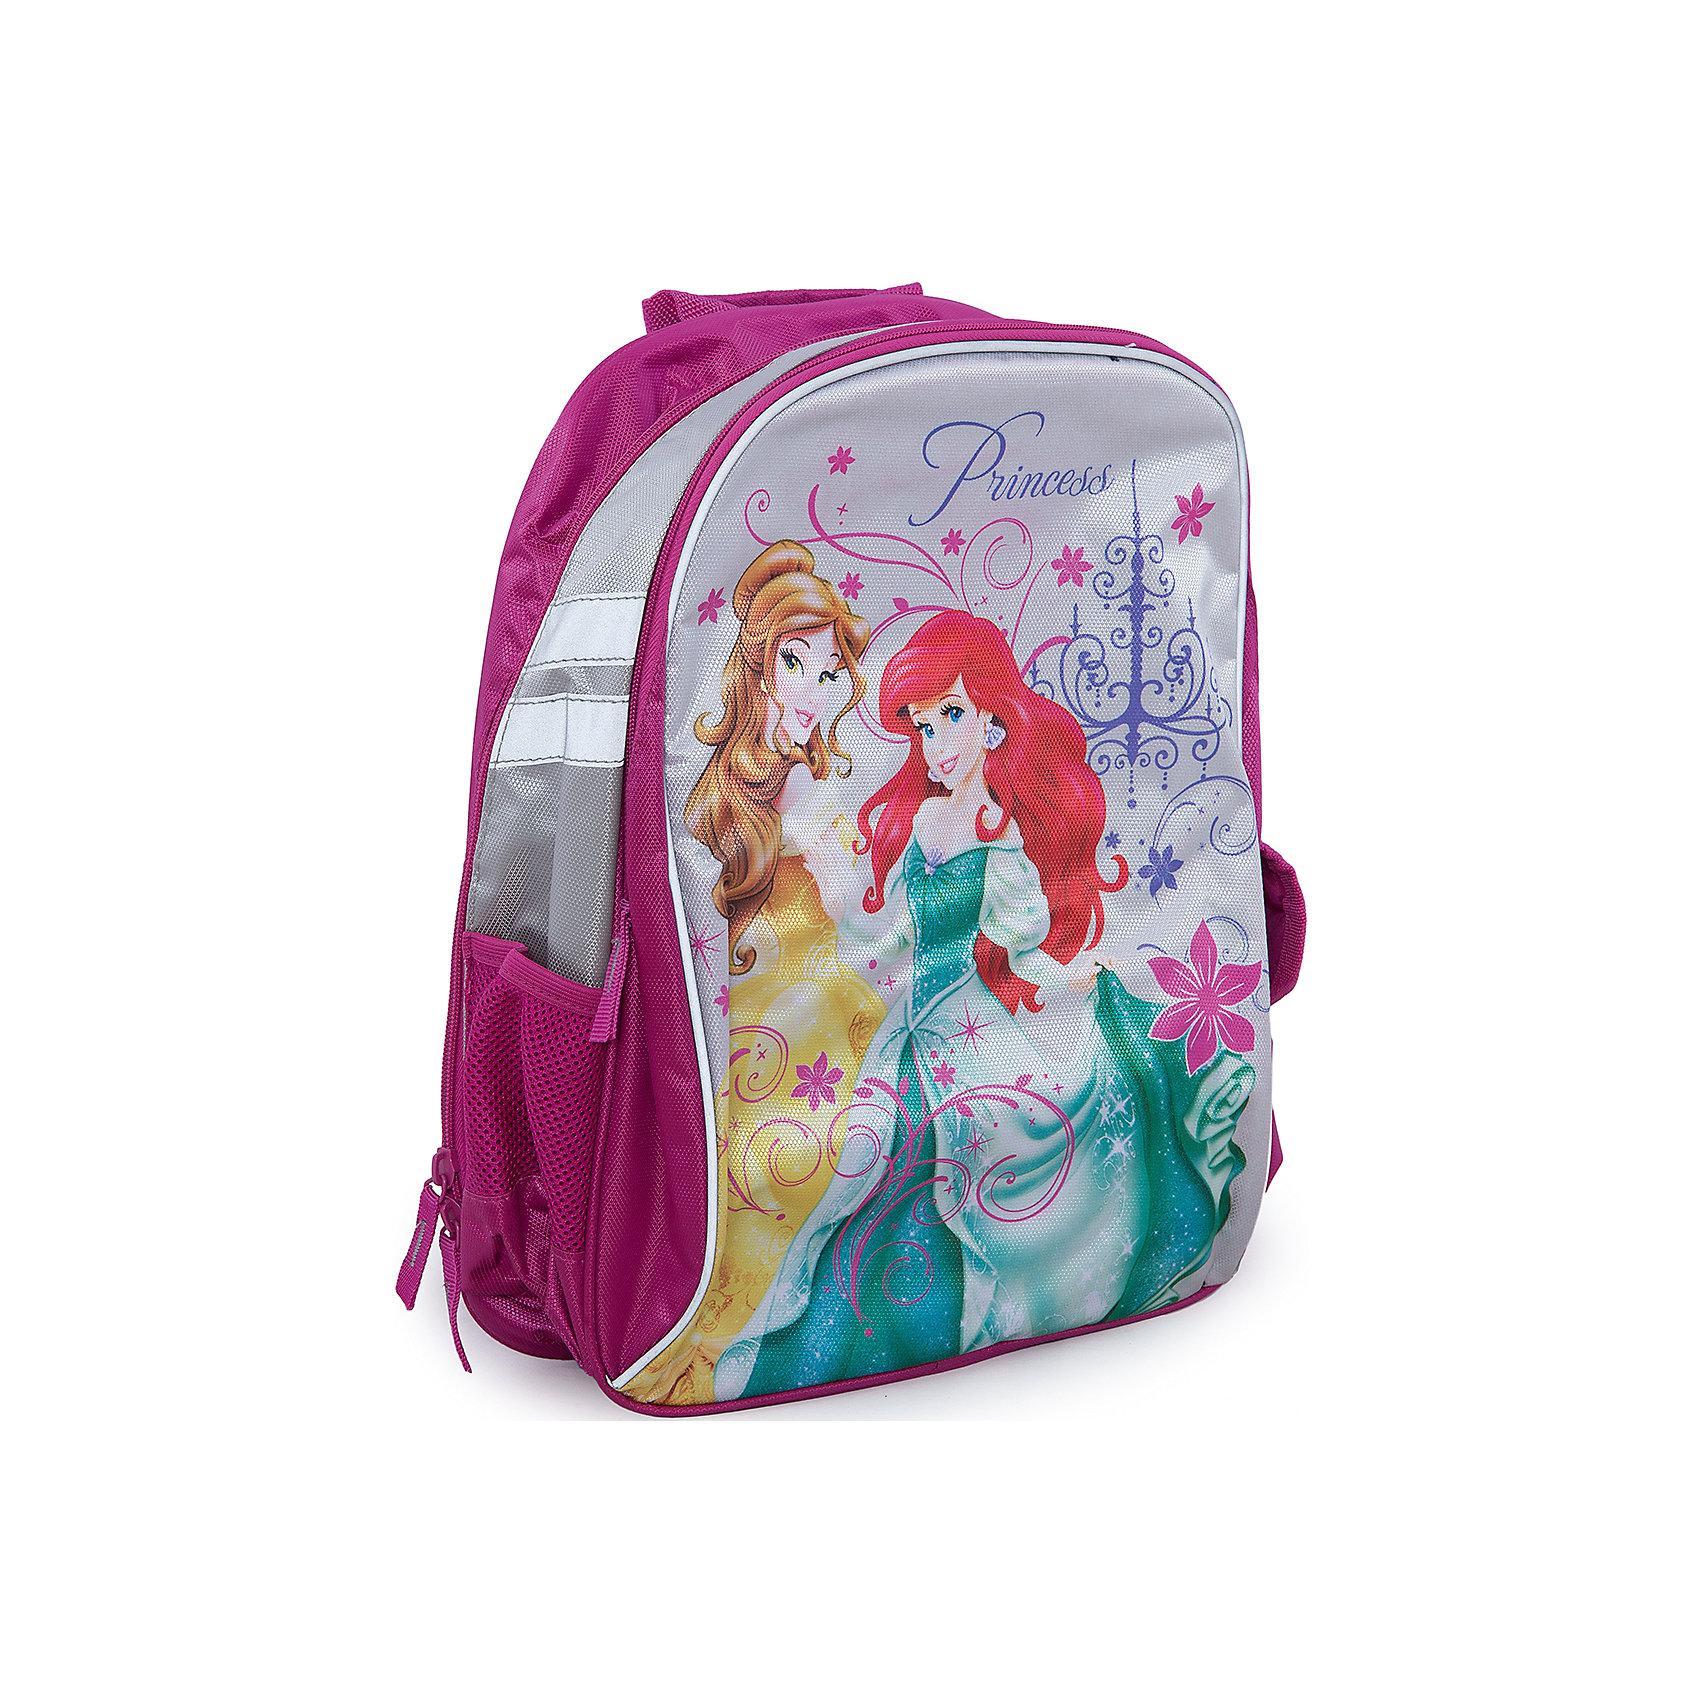 Школьный рюкзак с мягкой спинкой, Принцессы ДиснейПринцессы Дисней<br>Рюкзак Disney Princess (Принцессы Диснея) - комфортный и красивый рюкзак для школы и занятий спортом, который наверняка порадует маленькую школьницу. Рюкзак имеет мягкую спинку с вентиляционной сеткой. Внутри одно просторное отделение для книг и тетрадей, также имеются одно фронтальное отделение на молнии и два боковых кармашка: один - пенального типа на кнопке и второй с сеточкой и утягивающей резинкой.<br><br>Лямки рюкзака регулируются в зависимости от возраста и роста ребенка, имеется тряпичная ручка для переноски в руках.<br><br>Рюкзак выполнен из качественных материалов и украшен принтом с принцессами из диснеевских мультфильмов, оснащен светоотражающими элементами для безопасного передвижения ребенка в темное время<br><br>Дополнительная информация:<br><br>- Материал: полиэстер.<br>- Размер: 39 х 31 х 12 см. <br>- Вес: 0,554 кг.<br><br>Рюкзак с мягкой спинкой Disney Princess можно купить в нашем интернет-магазине.<br><br>Ширина мм: 390<br>Глубина мм: 310<br>Высота мм: 120<br>Вес г: 554<br>Возраст от месяцев: 72<br>Возраст до месяцев: 84<br>Пол: Женский<br>Возраст: Детский<br>SKU: 3563350